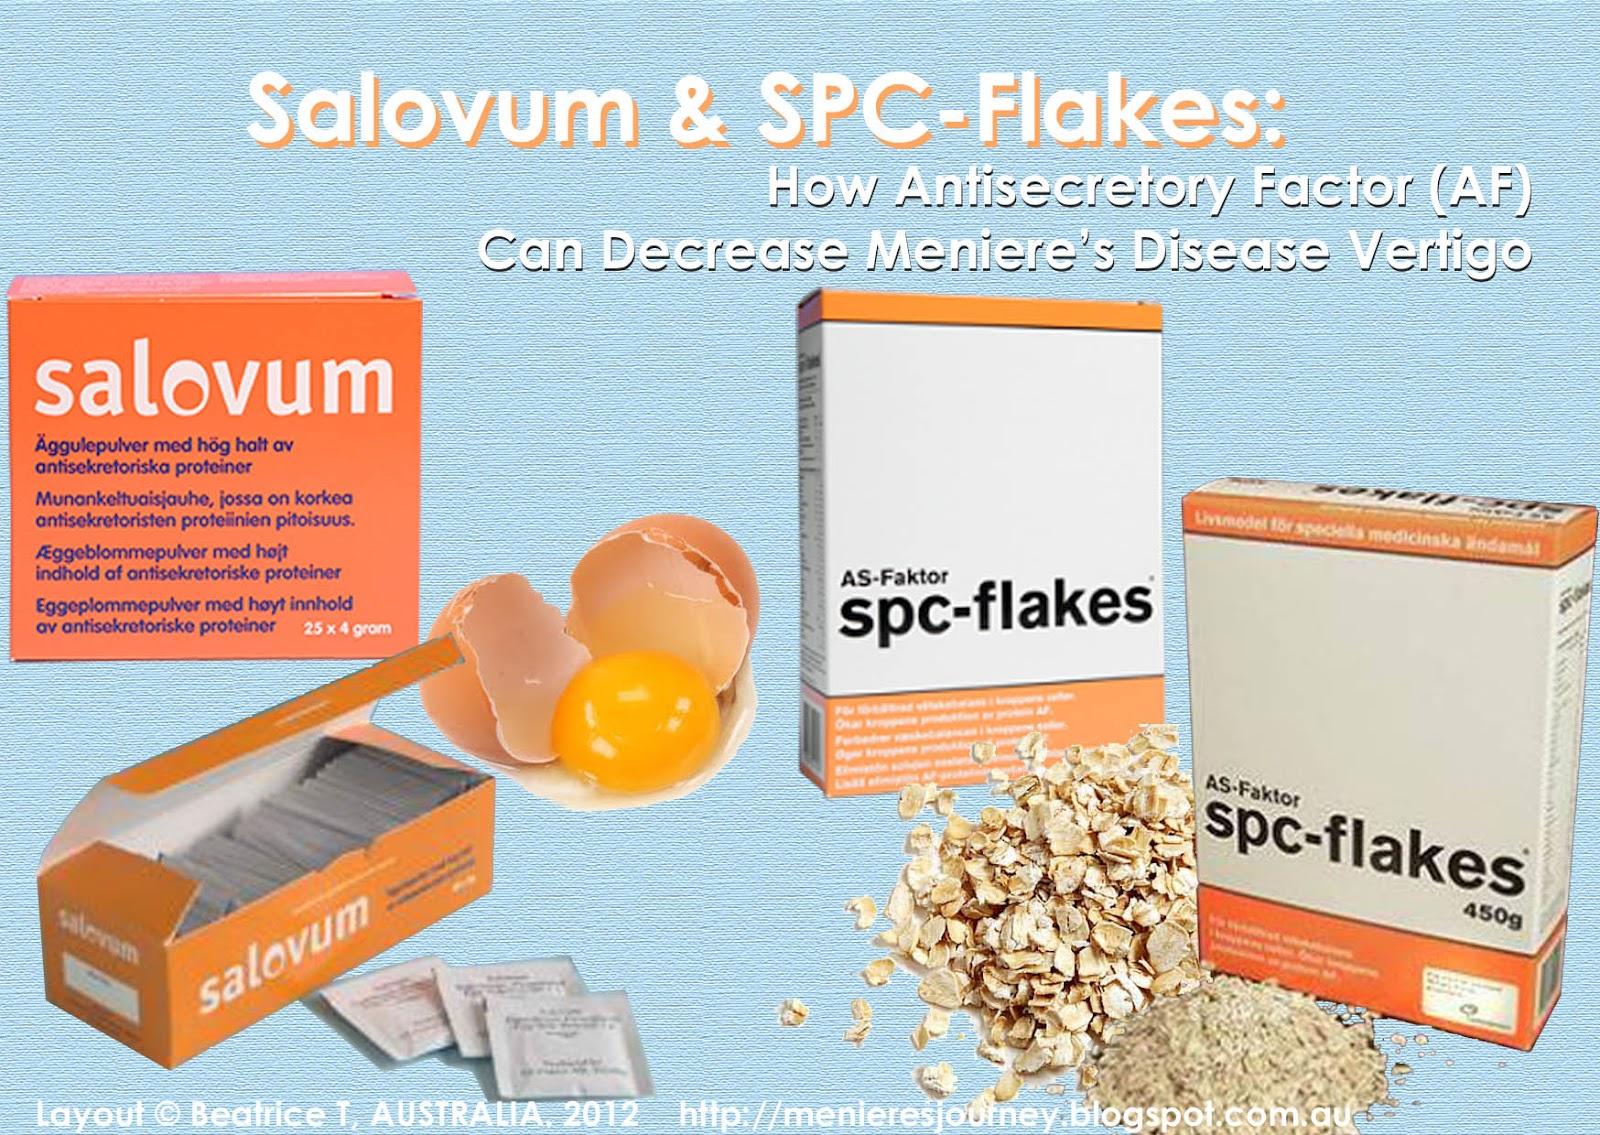 as faktor spc flakes